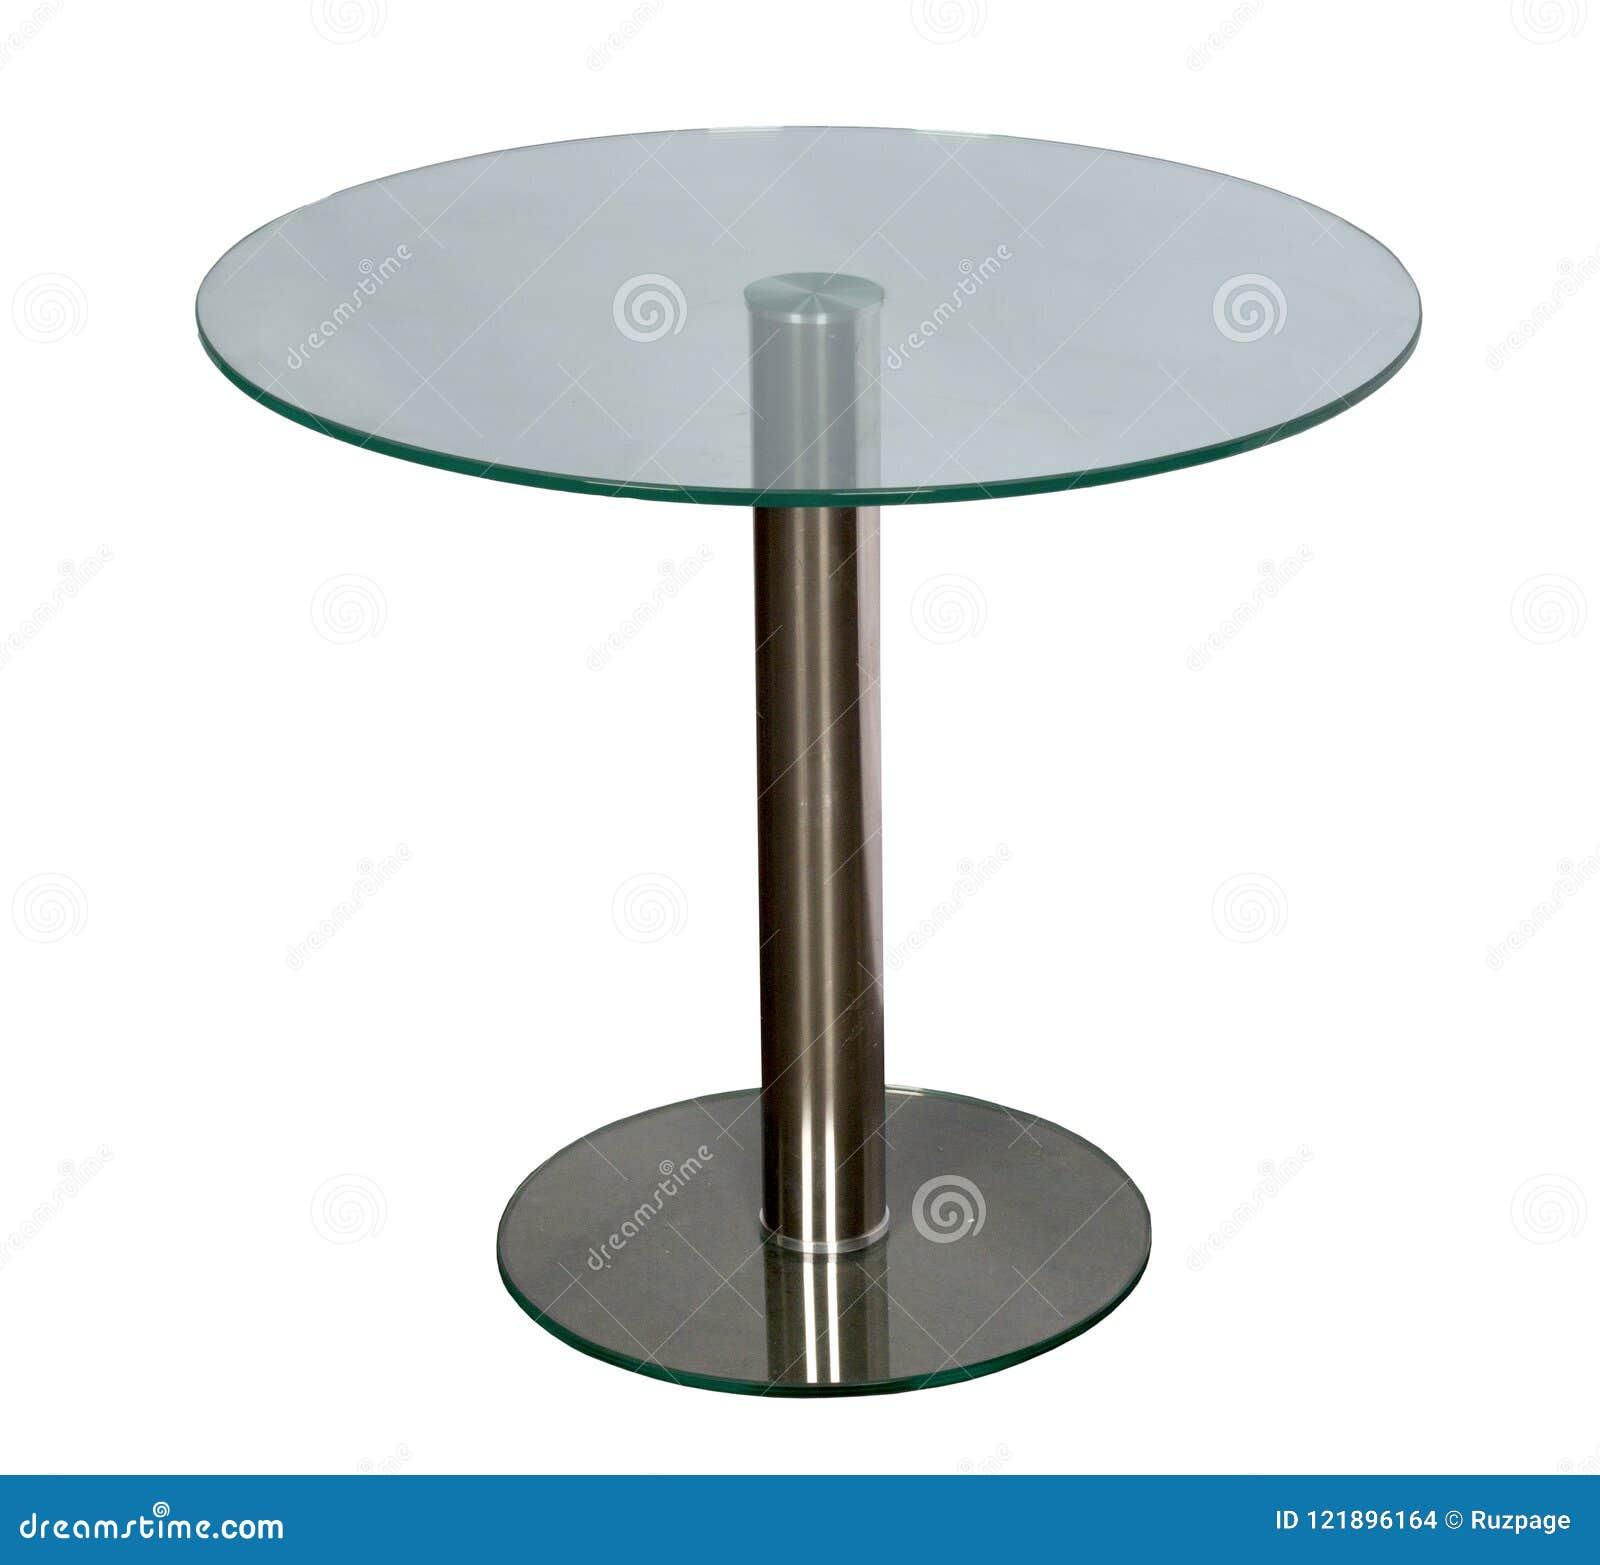 Πίνακας με table-top γυαλιού